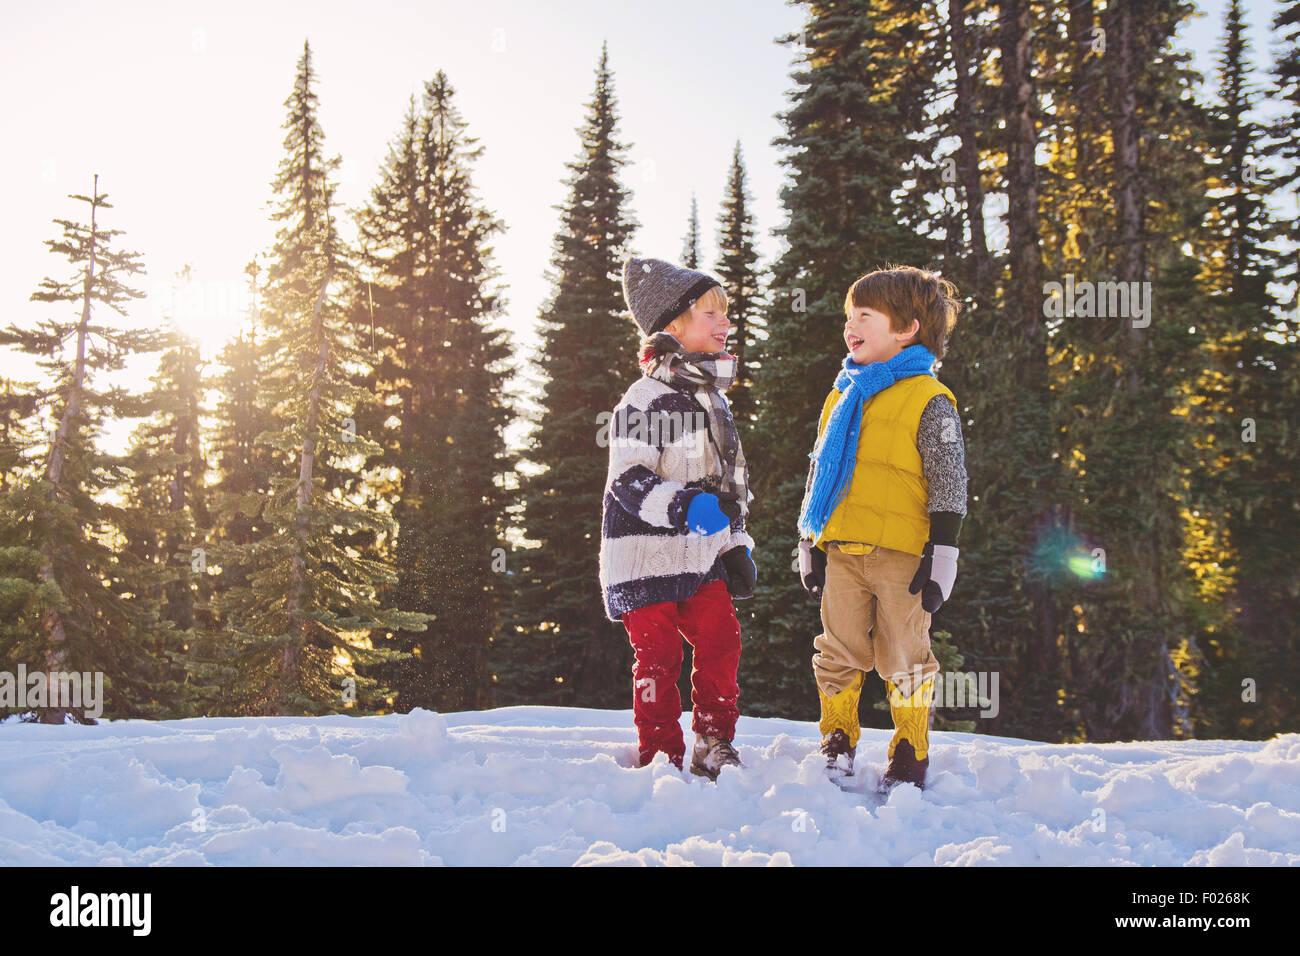 Dos niños riendo en la nieve, los árboles en el fondo Imagen De Stock